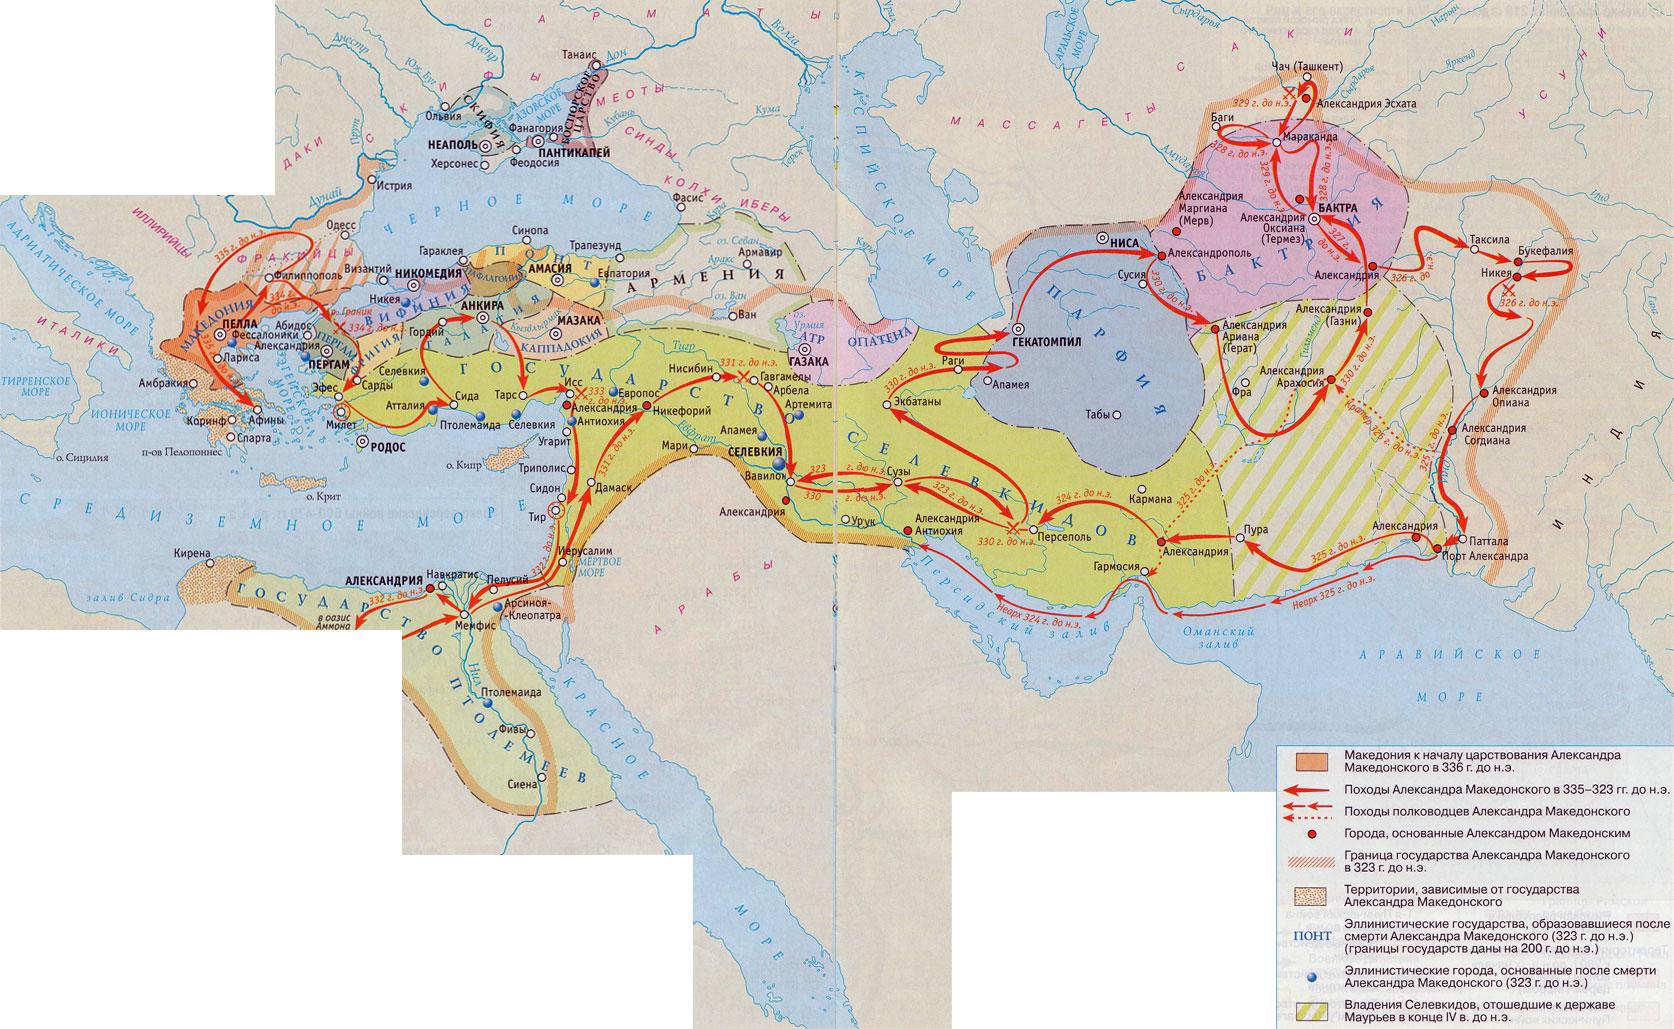 Вавилон древний восток картинки по истории